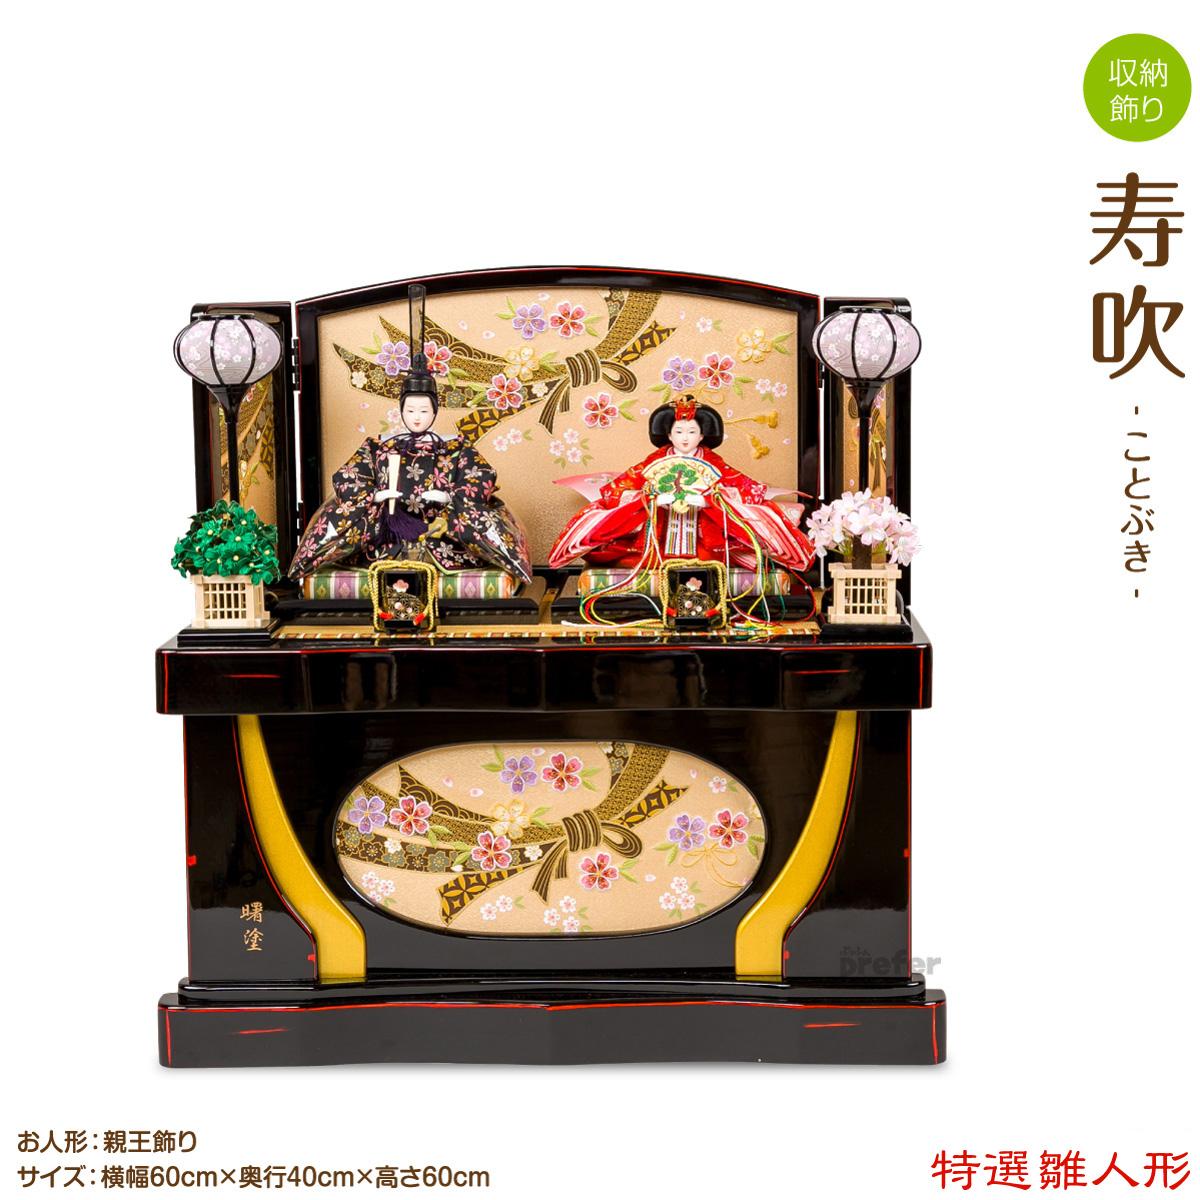 雛人形 収納飾り ひな人形 収納スペース付寿吹(ことぶき) コンパクト 収納雛 特選